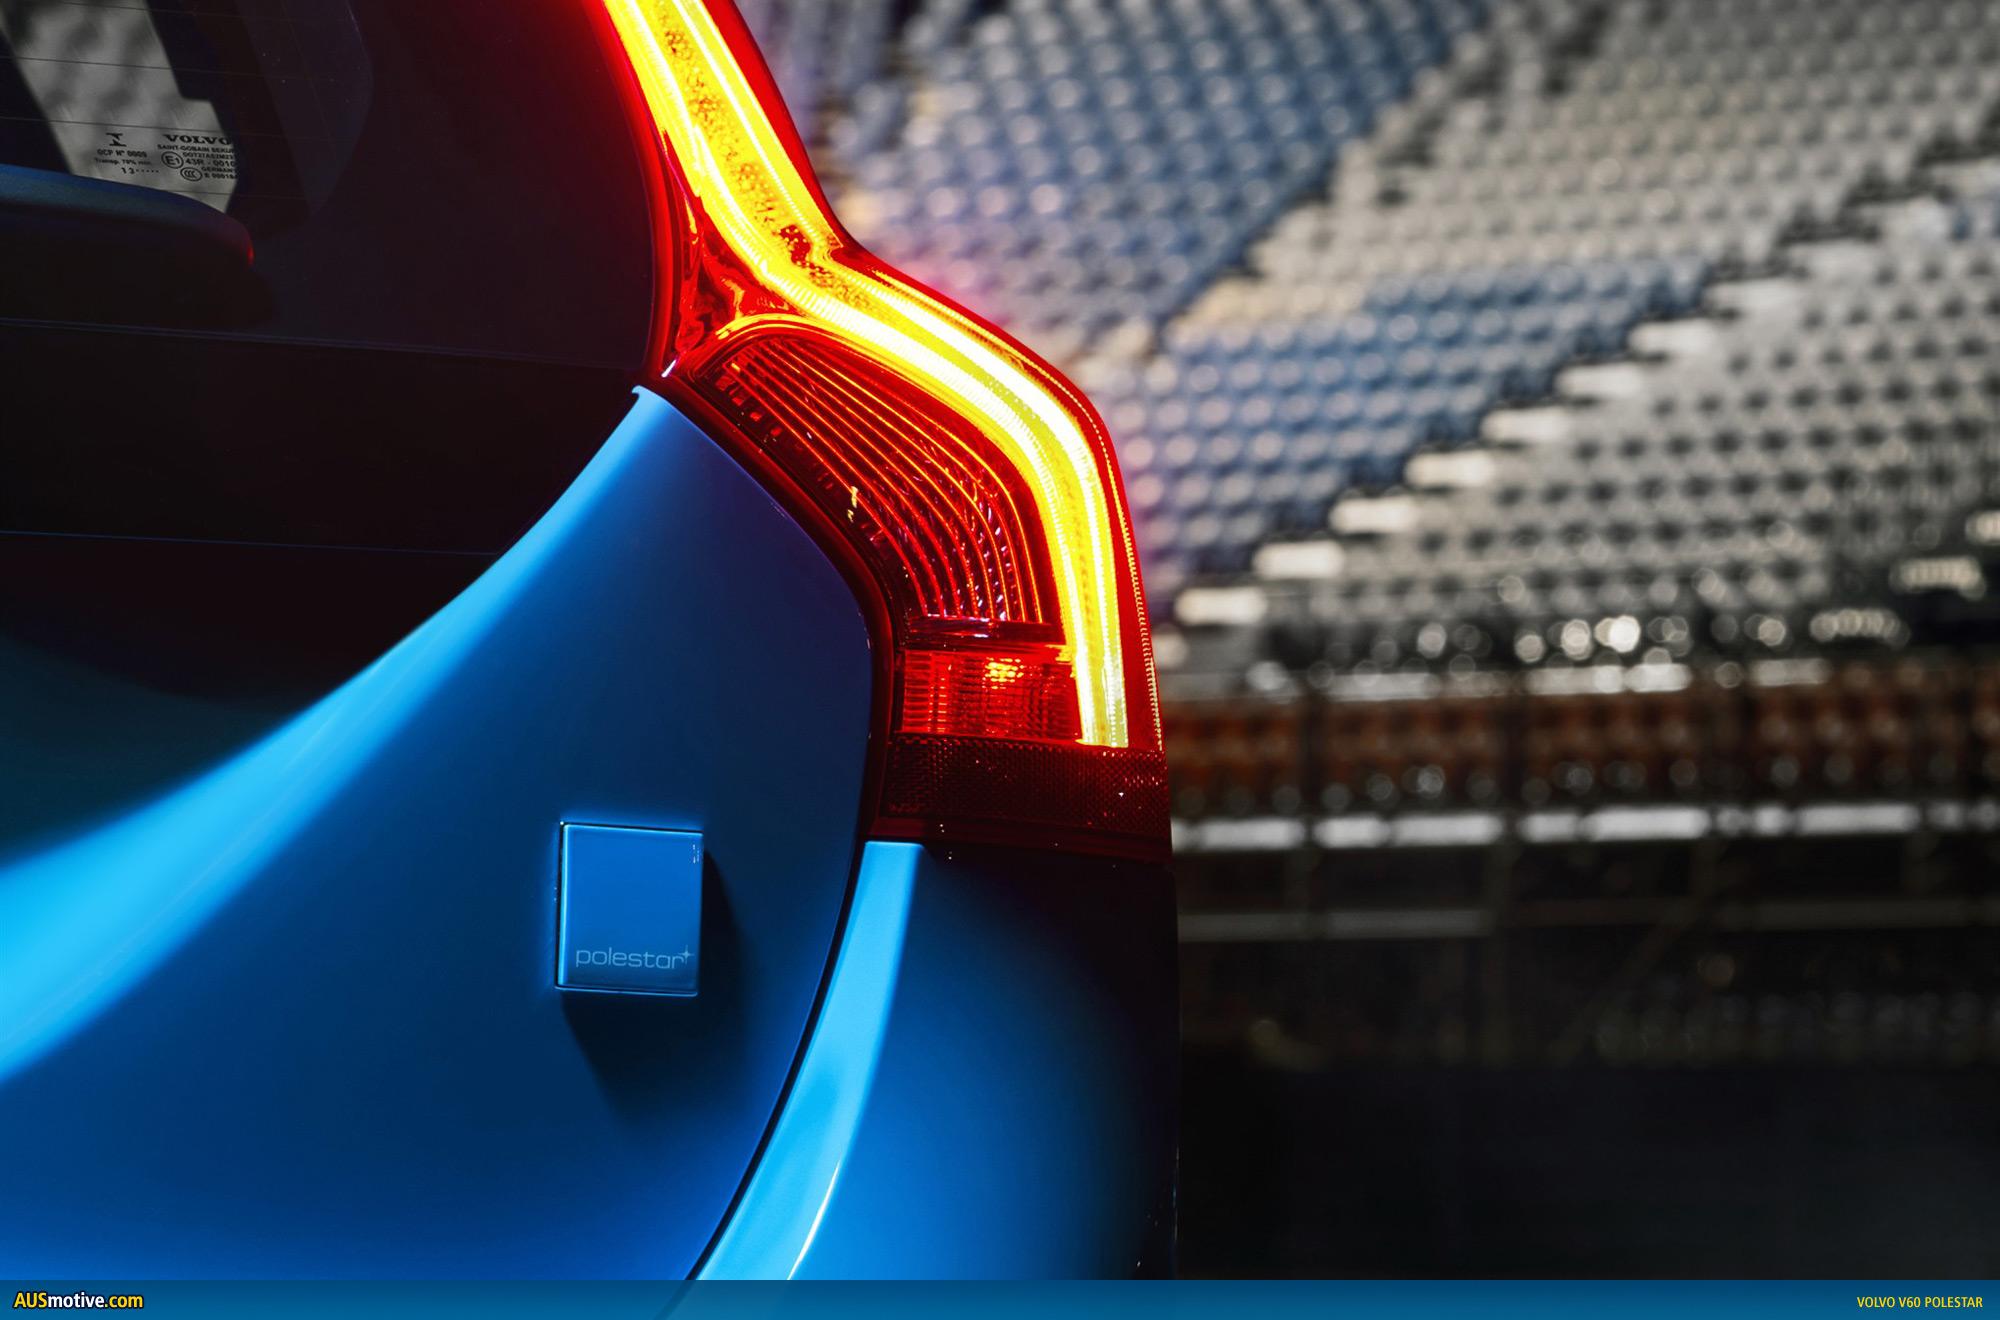 AUSmotive.com » Volvo V60 Polestar revealed